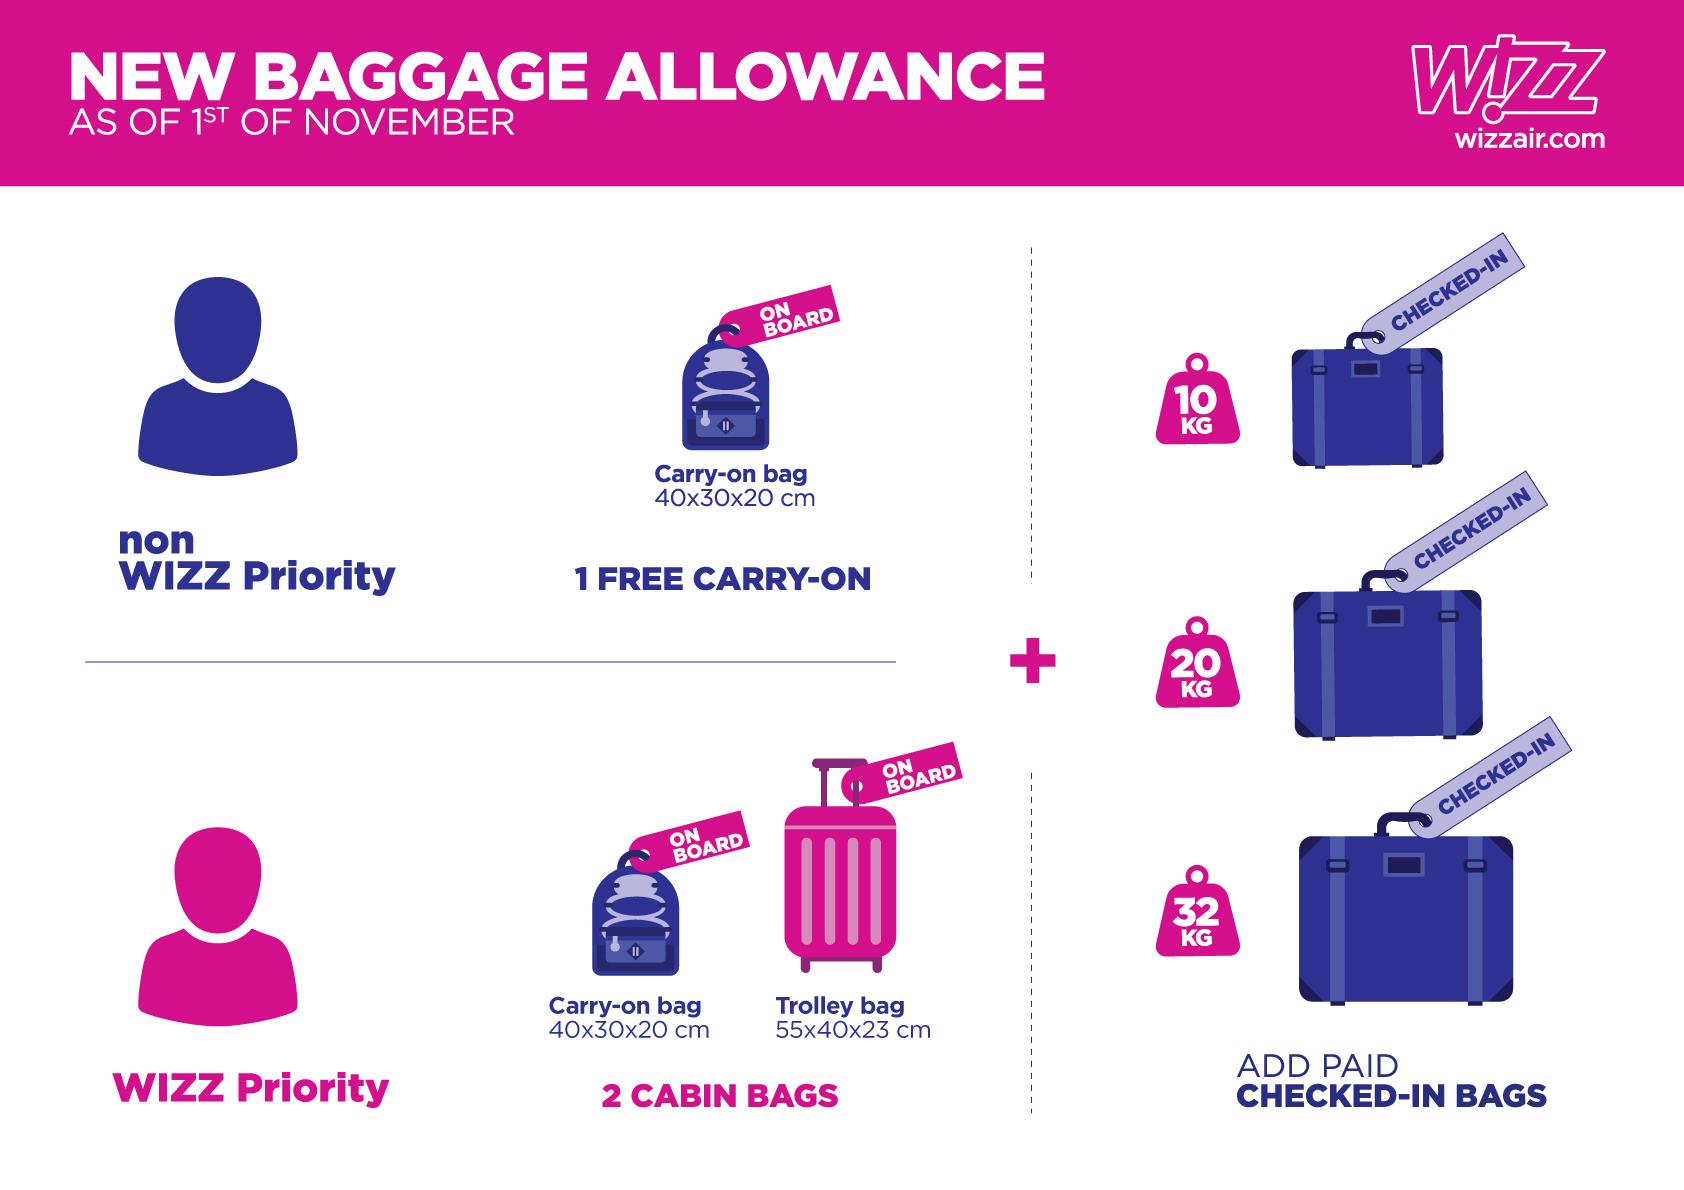 Wizz Air Bagaz Podreczny I Rejestrowany Od 1 Listopada Zasady Mleczne Podroze Czyli Najlepsze Promocje Lotnicze